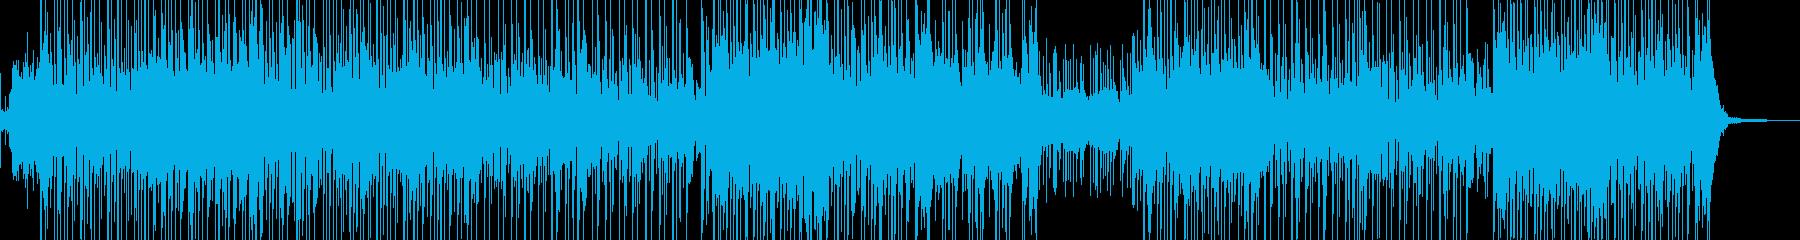 琴・三味線・レトロな演歌調ポップの再生済みの波形